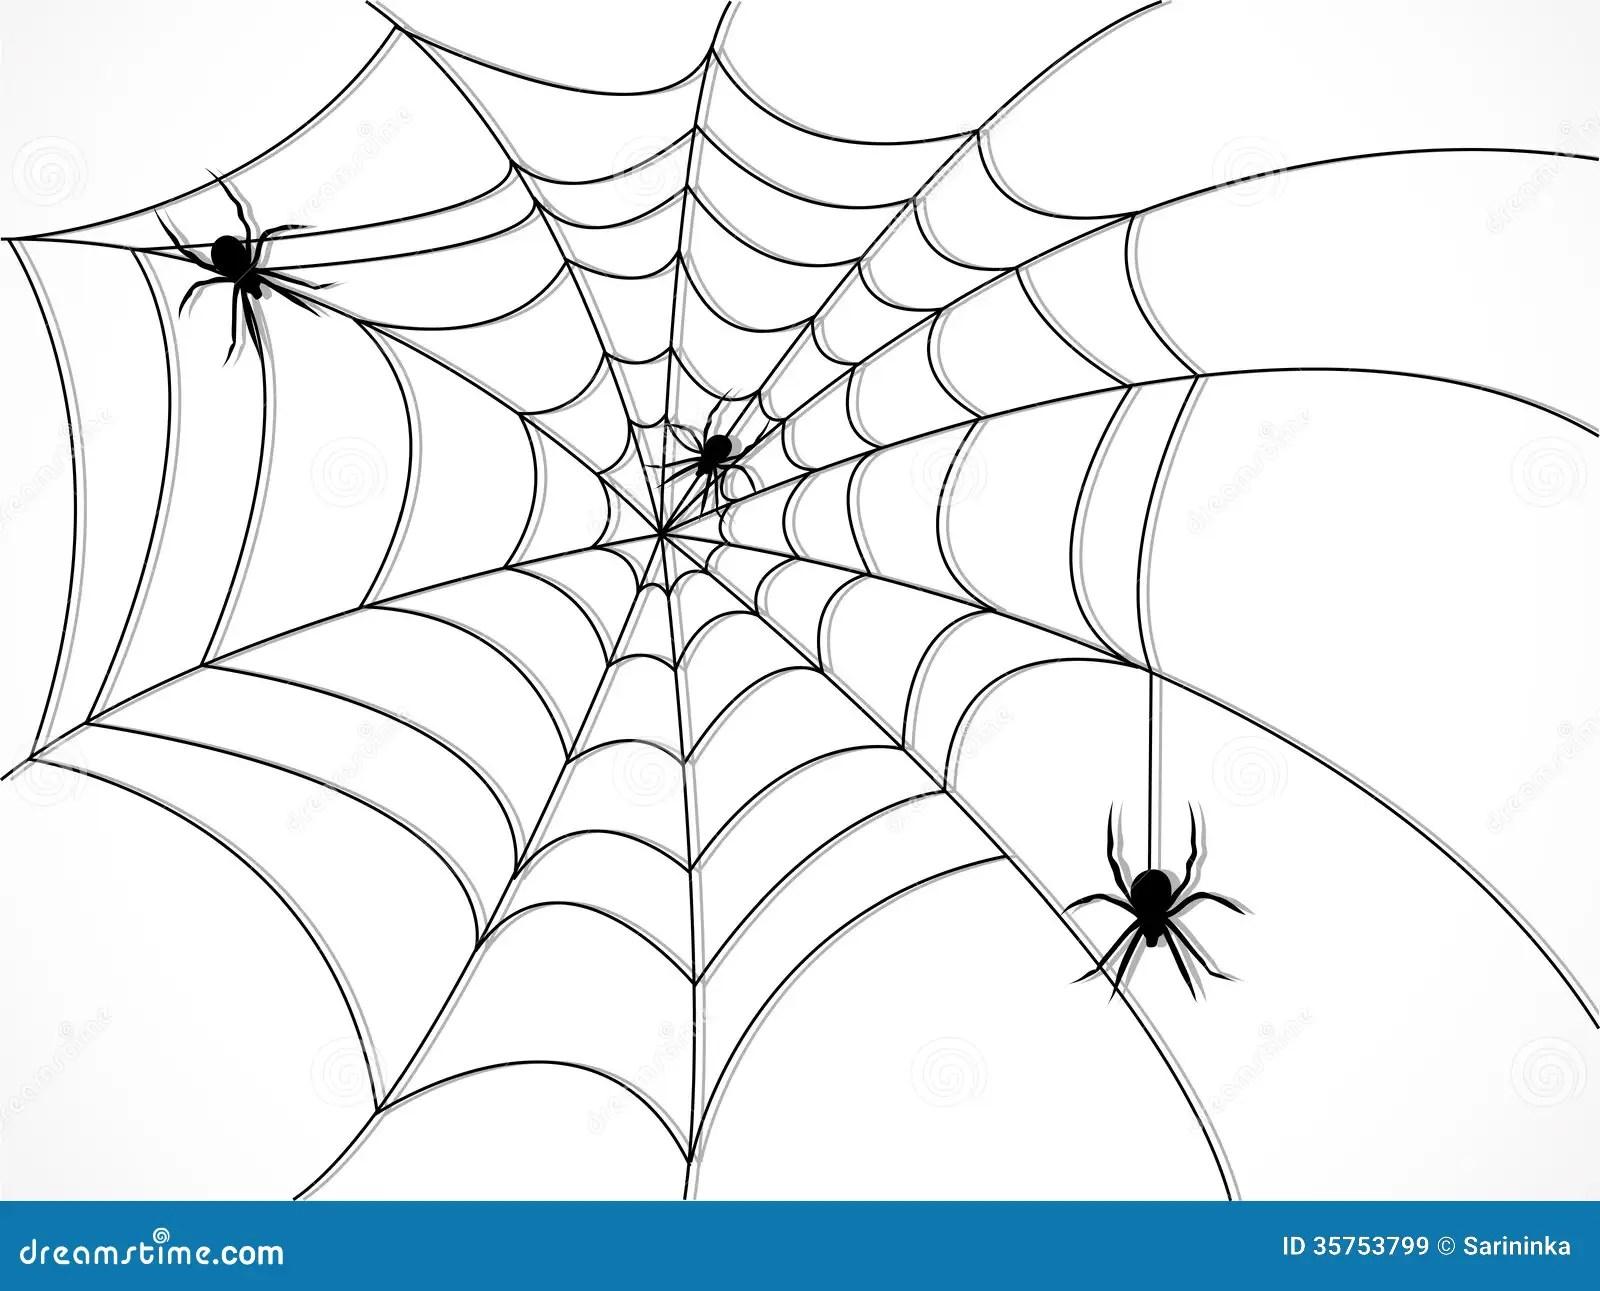 Spiderweb Silhouette